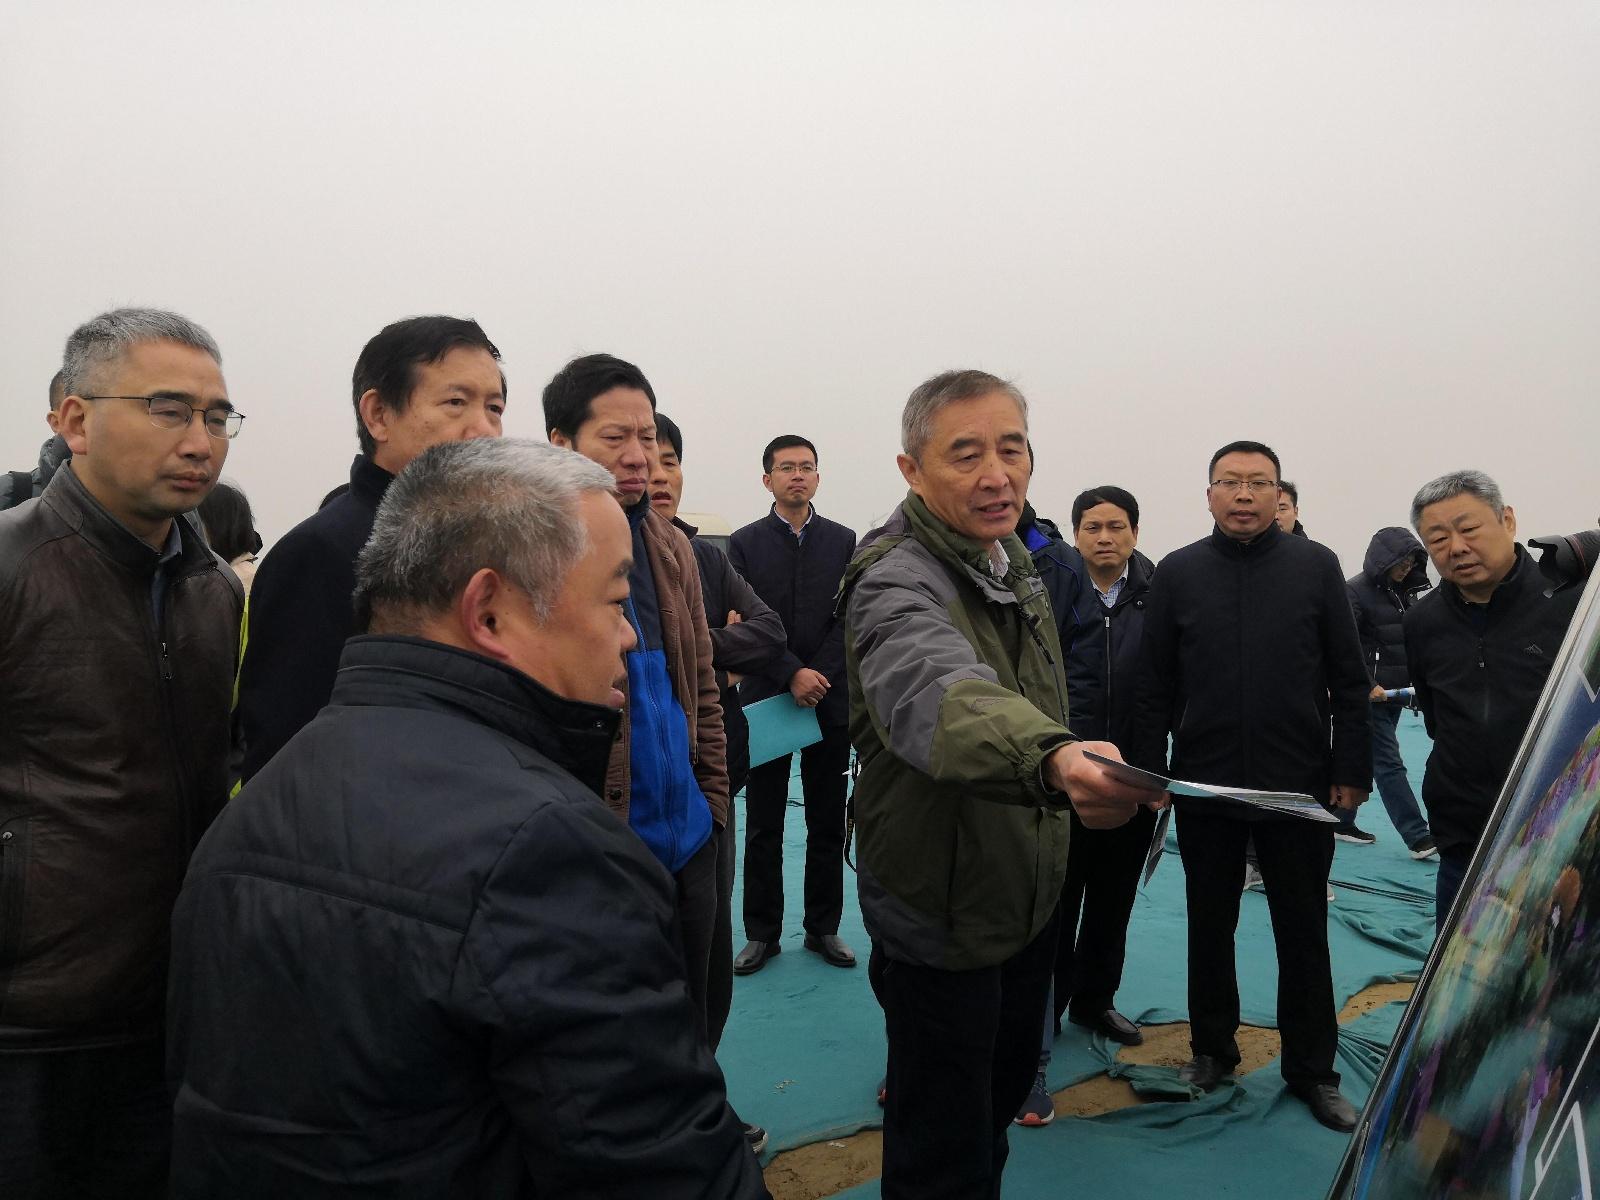 """黄河流域生态保护和高质量发展暨""""南竹北移""""促进城乡生态宜居专家研讨会在我市举行"""